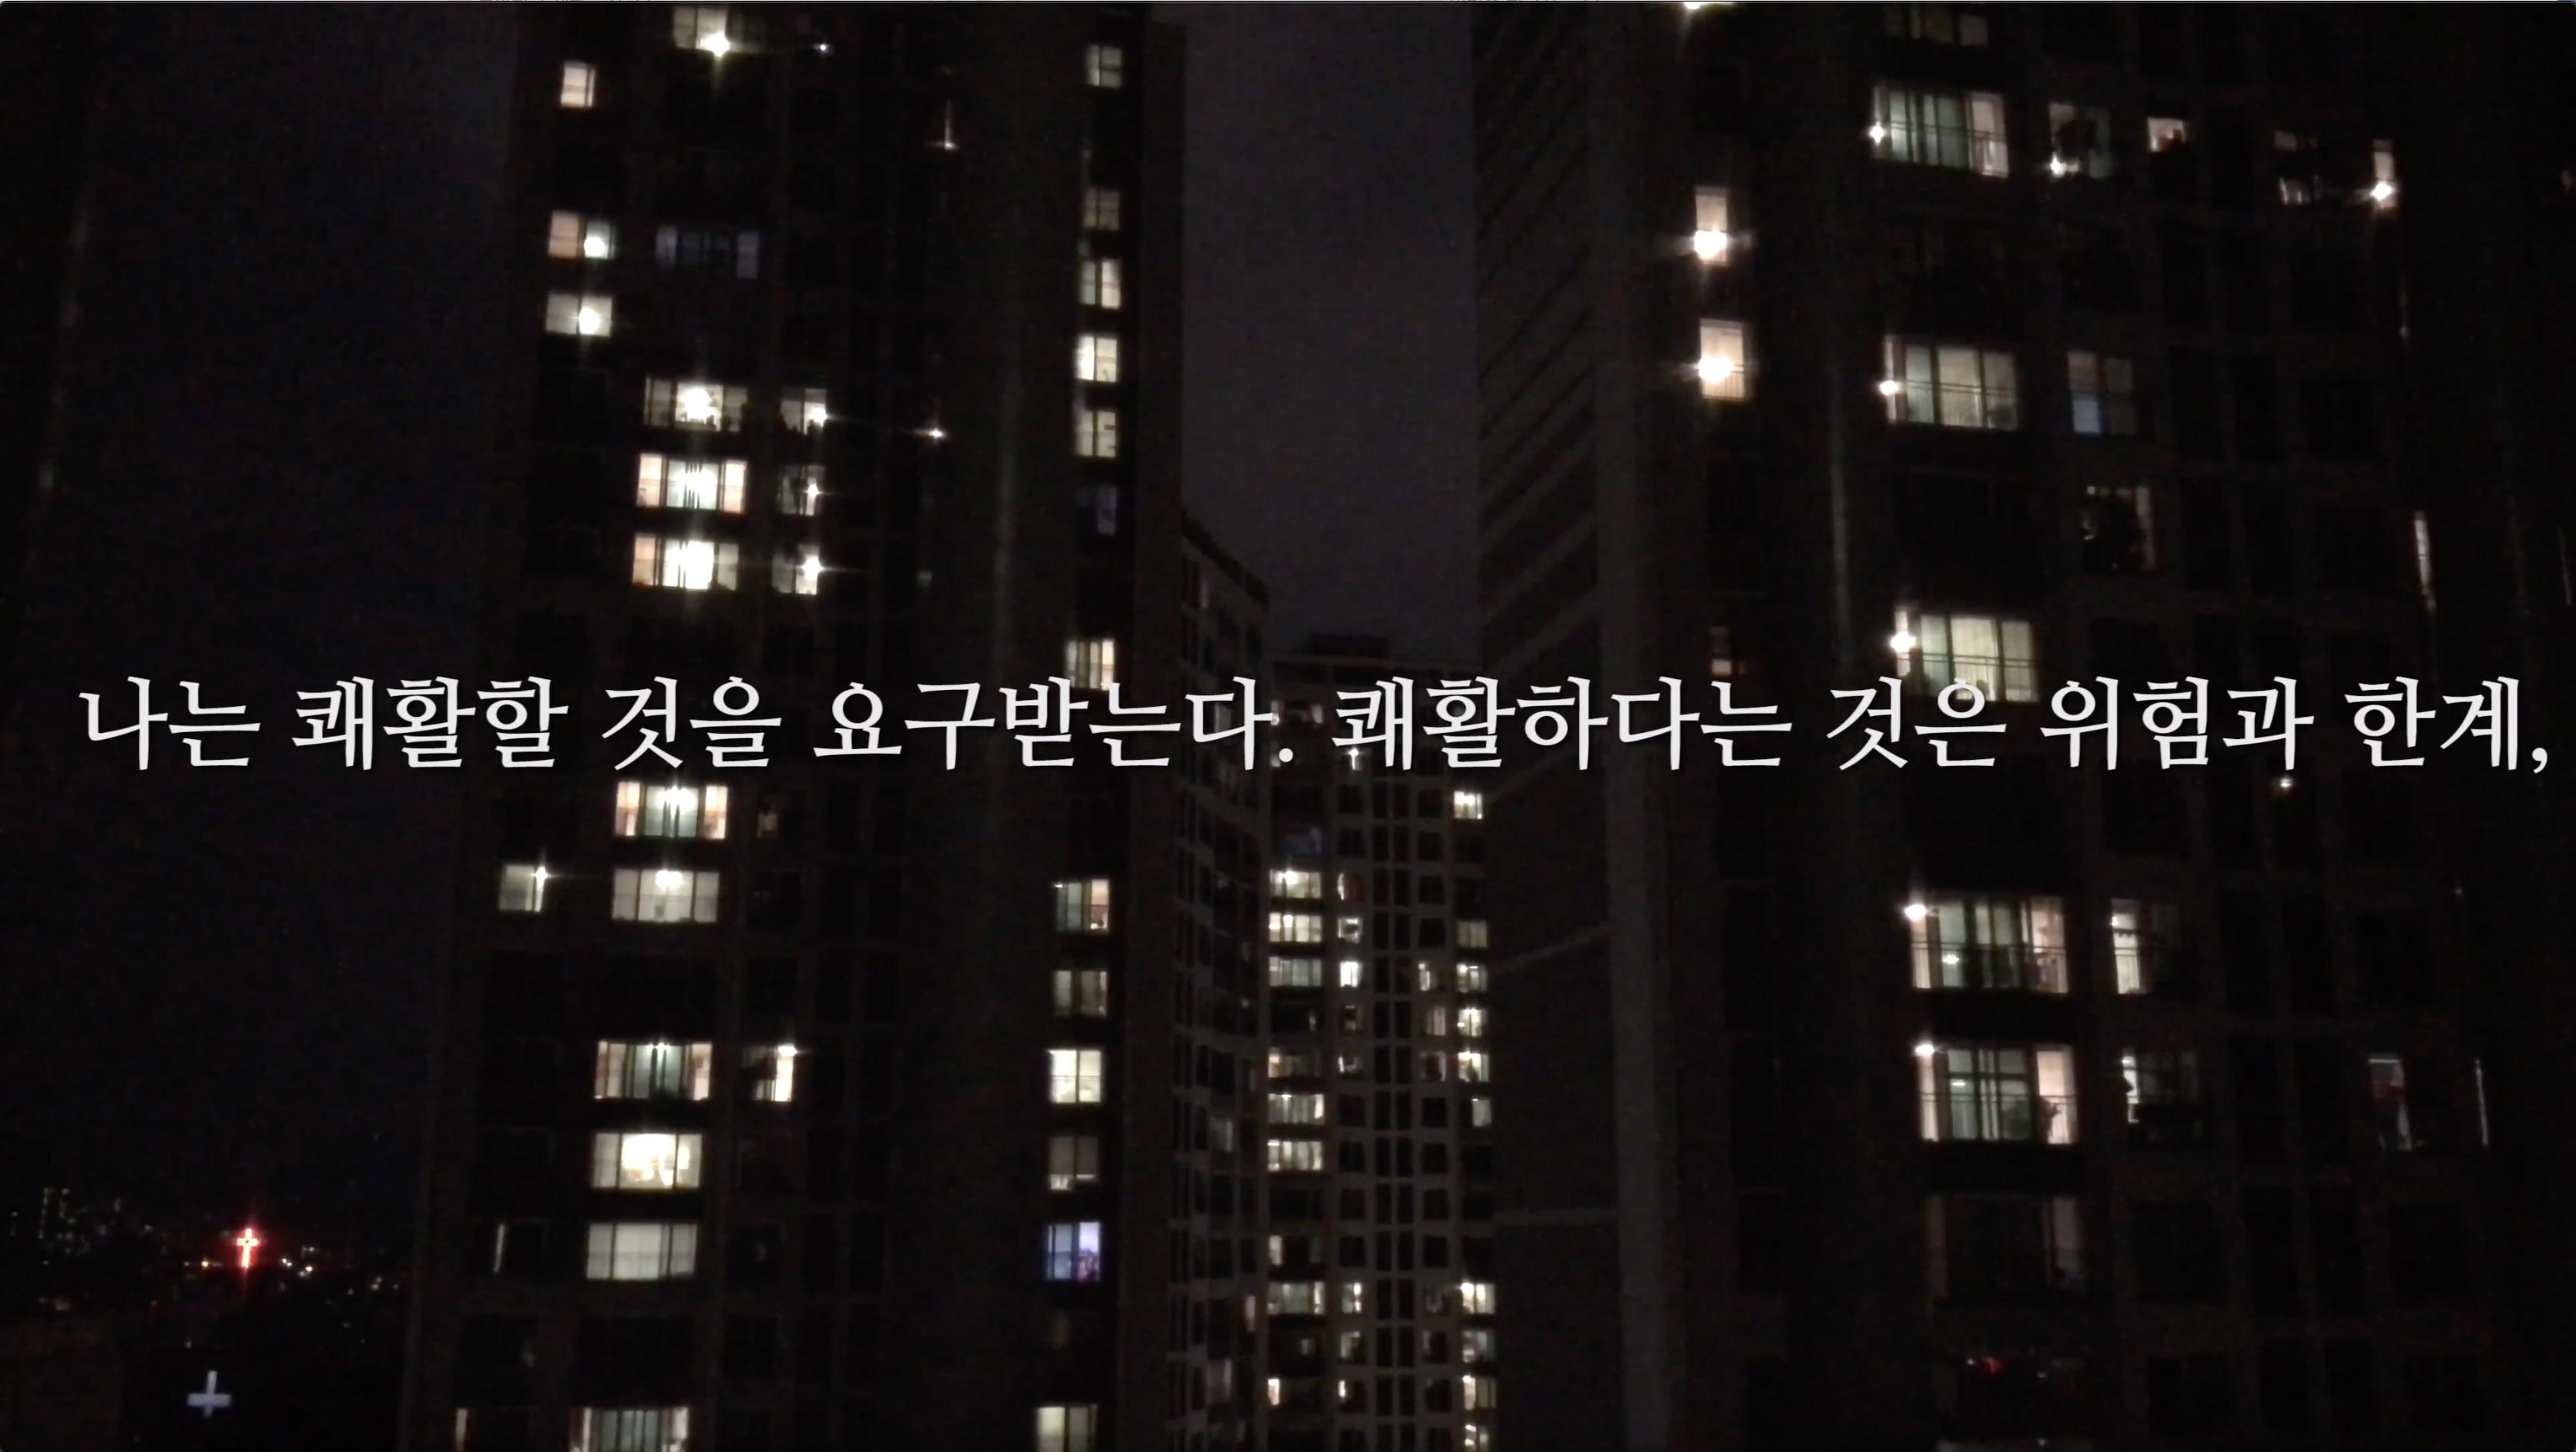 Youngjoo Cho: Cotton era